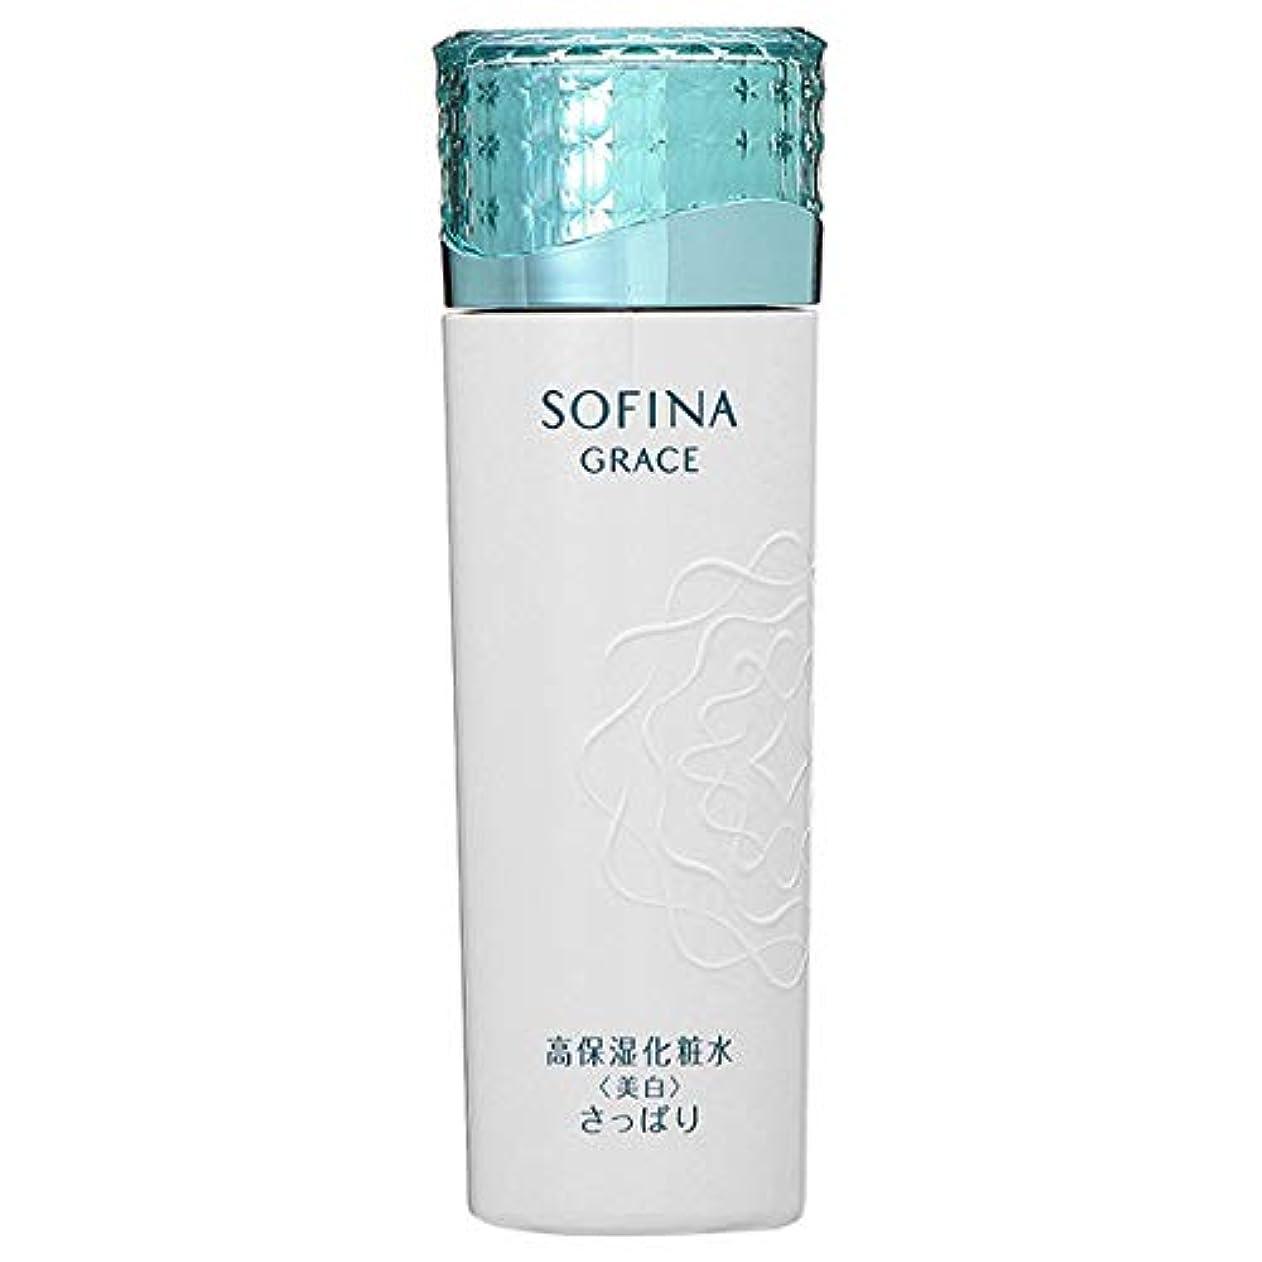 日焼け薄いコットン花王 グレイス ソフィーナ 高保湿化粧水 美白 さっぱり 140mL